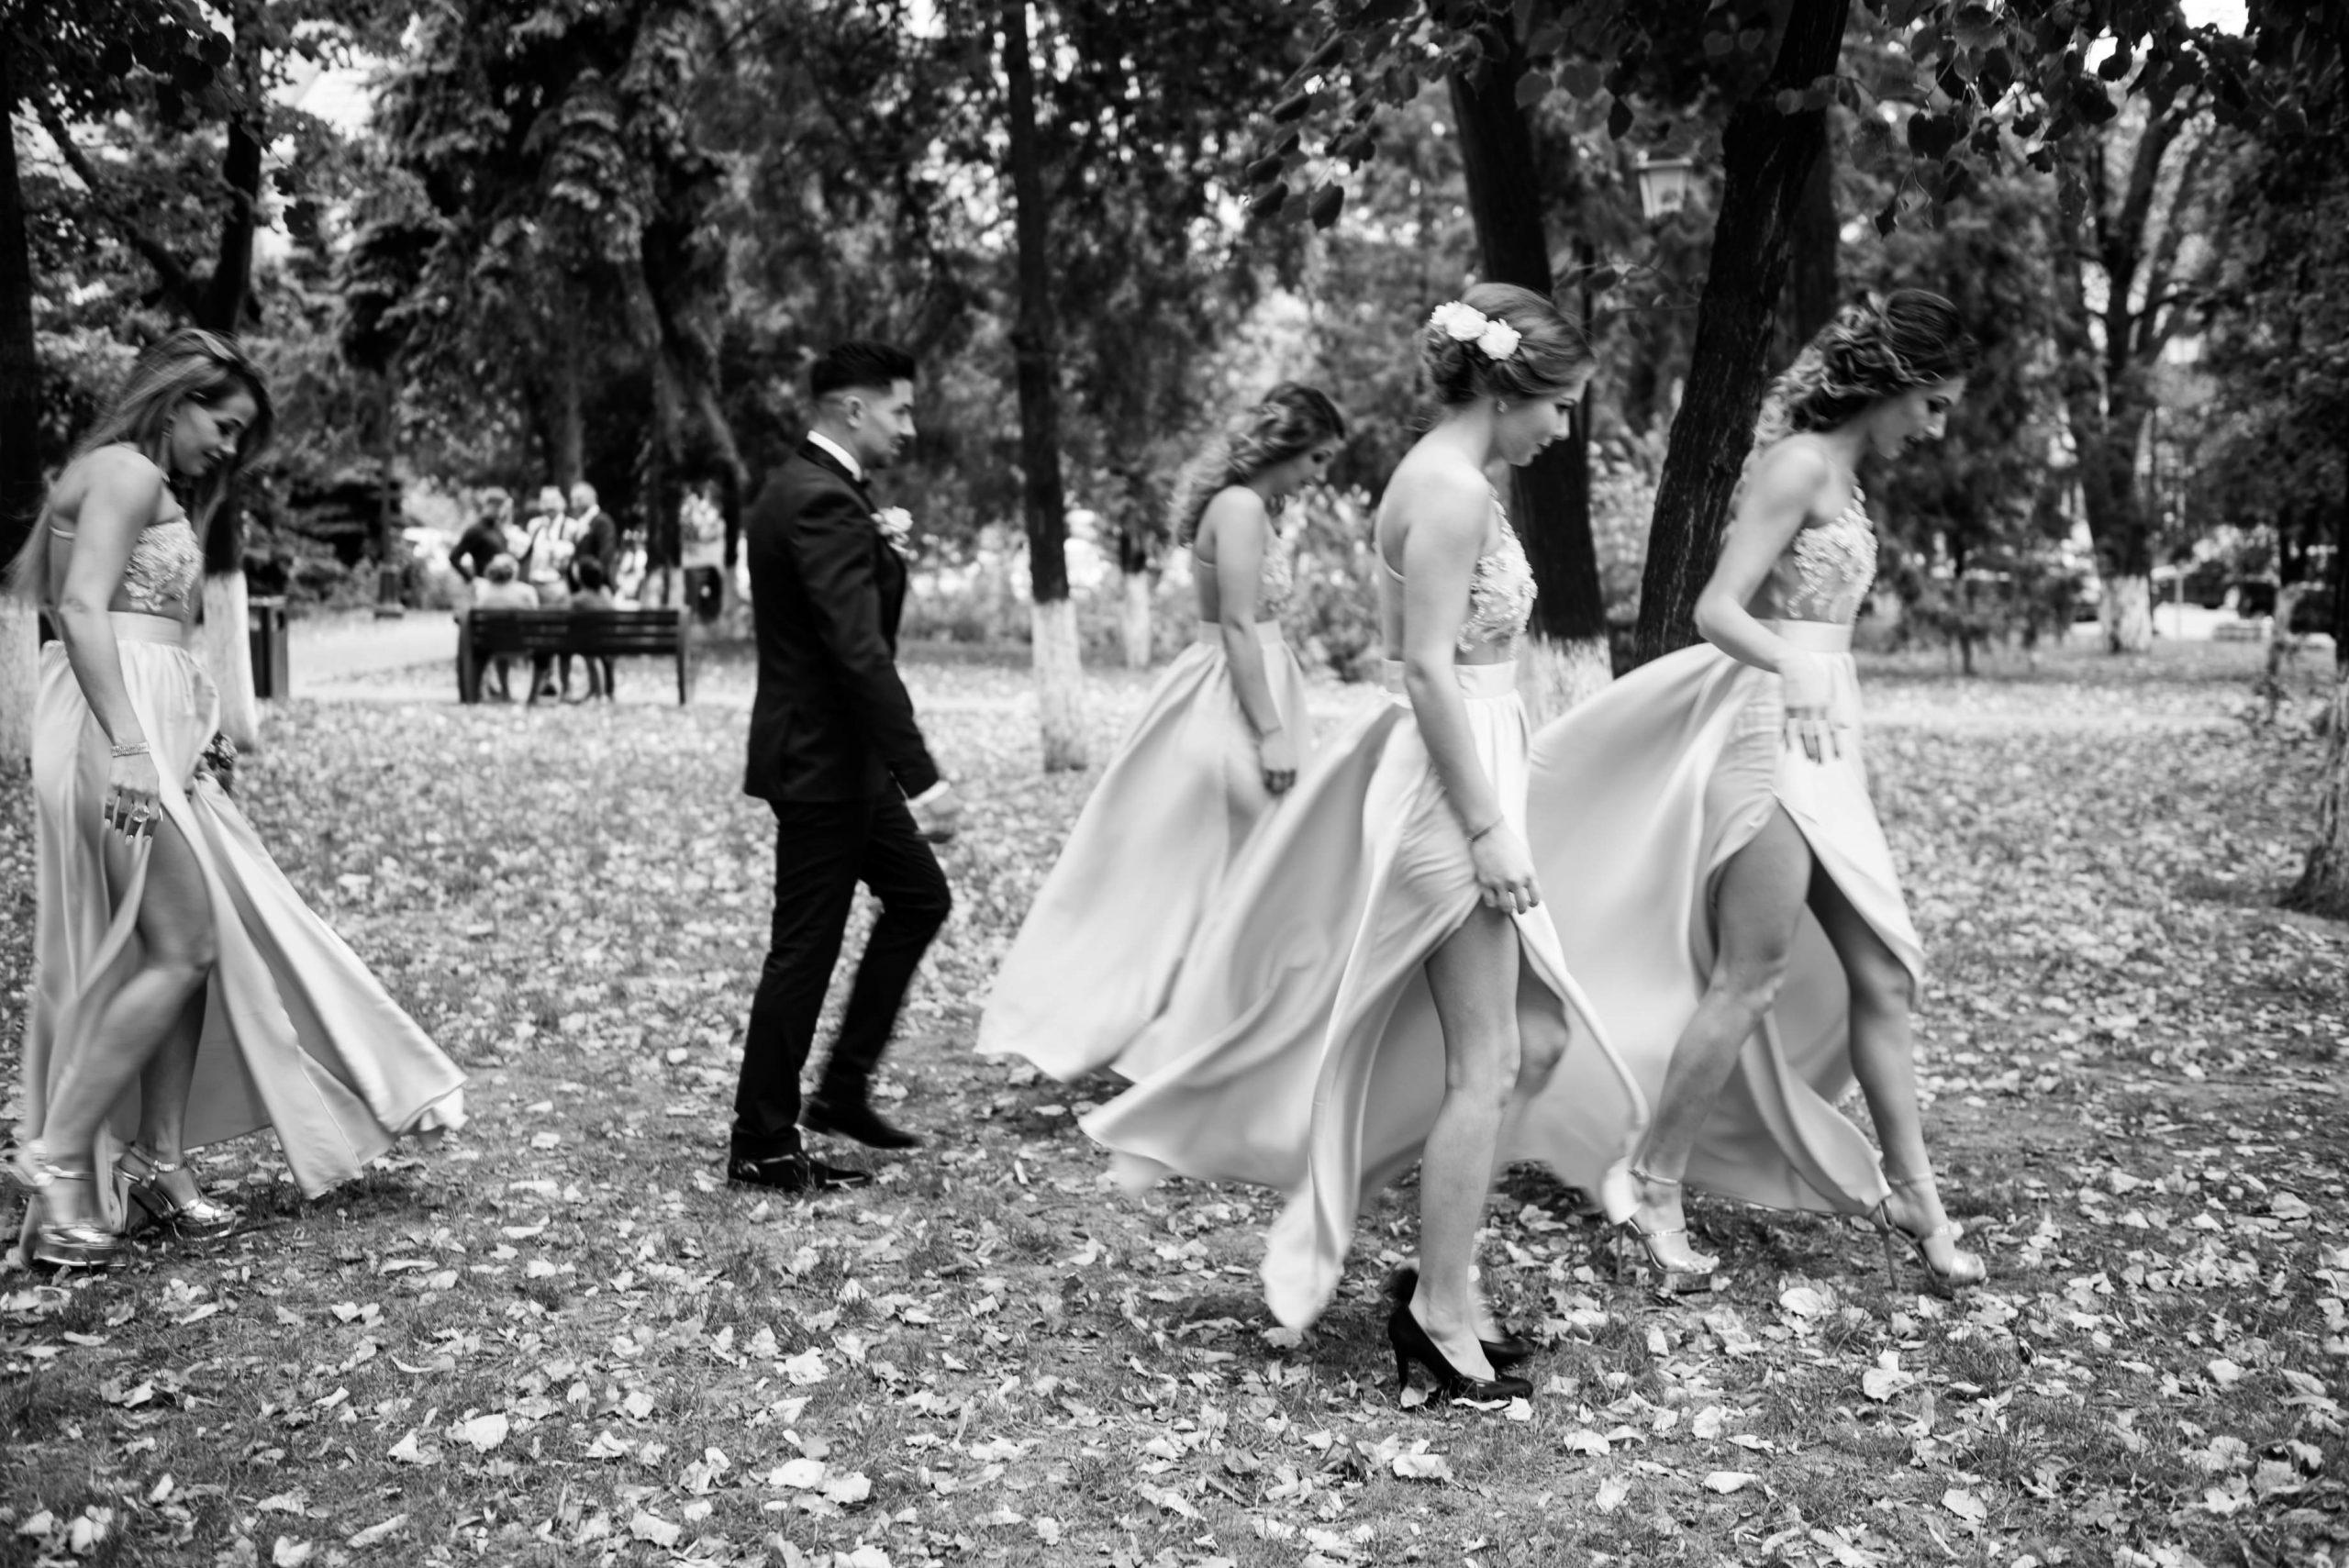 marius agrigoroaie fotograf de nunta botosani suceava 19